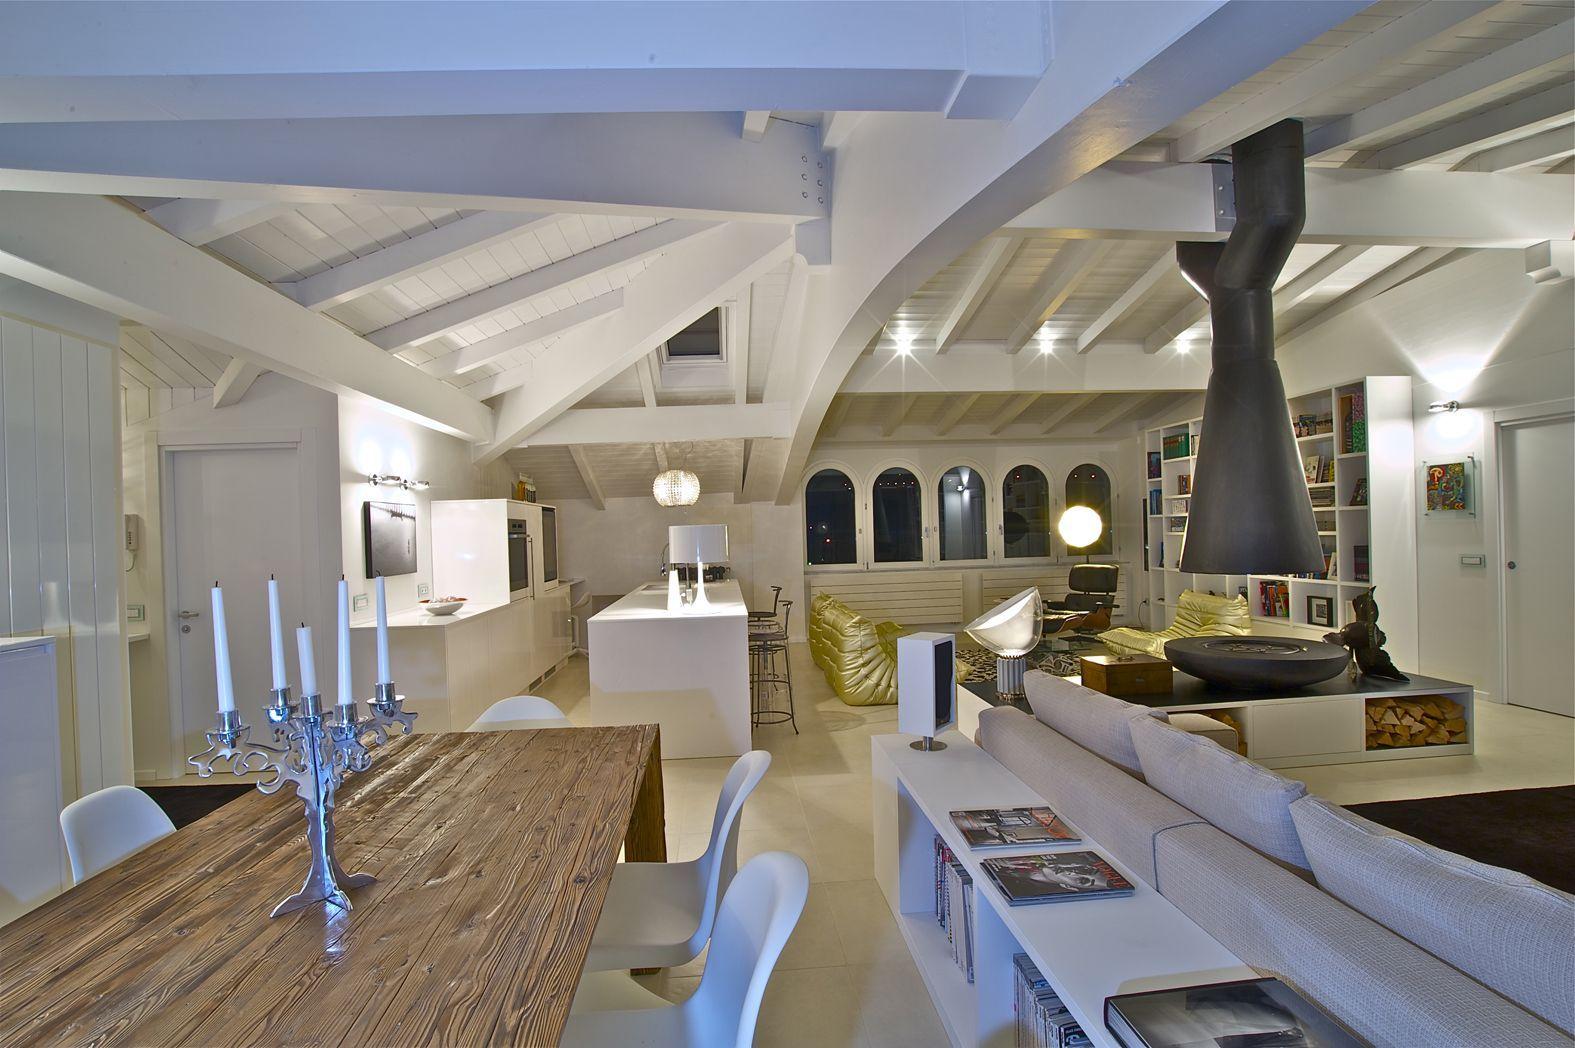 Case Arredamento ~ Progettazione e realizzazione arredamenti per case ville e loft